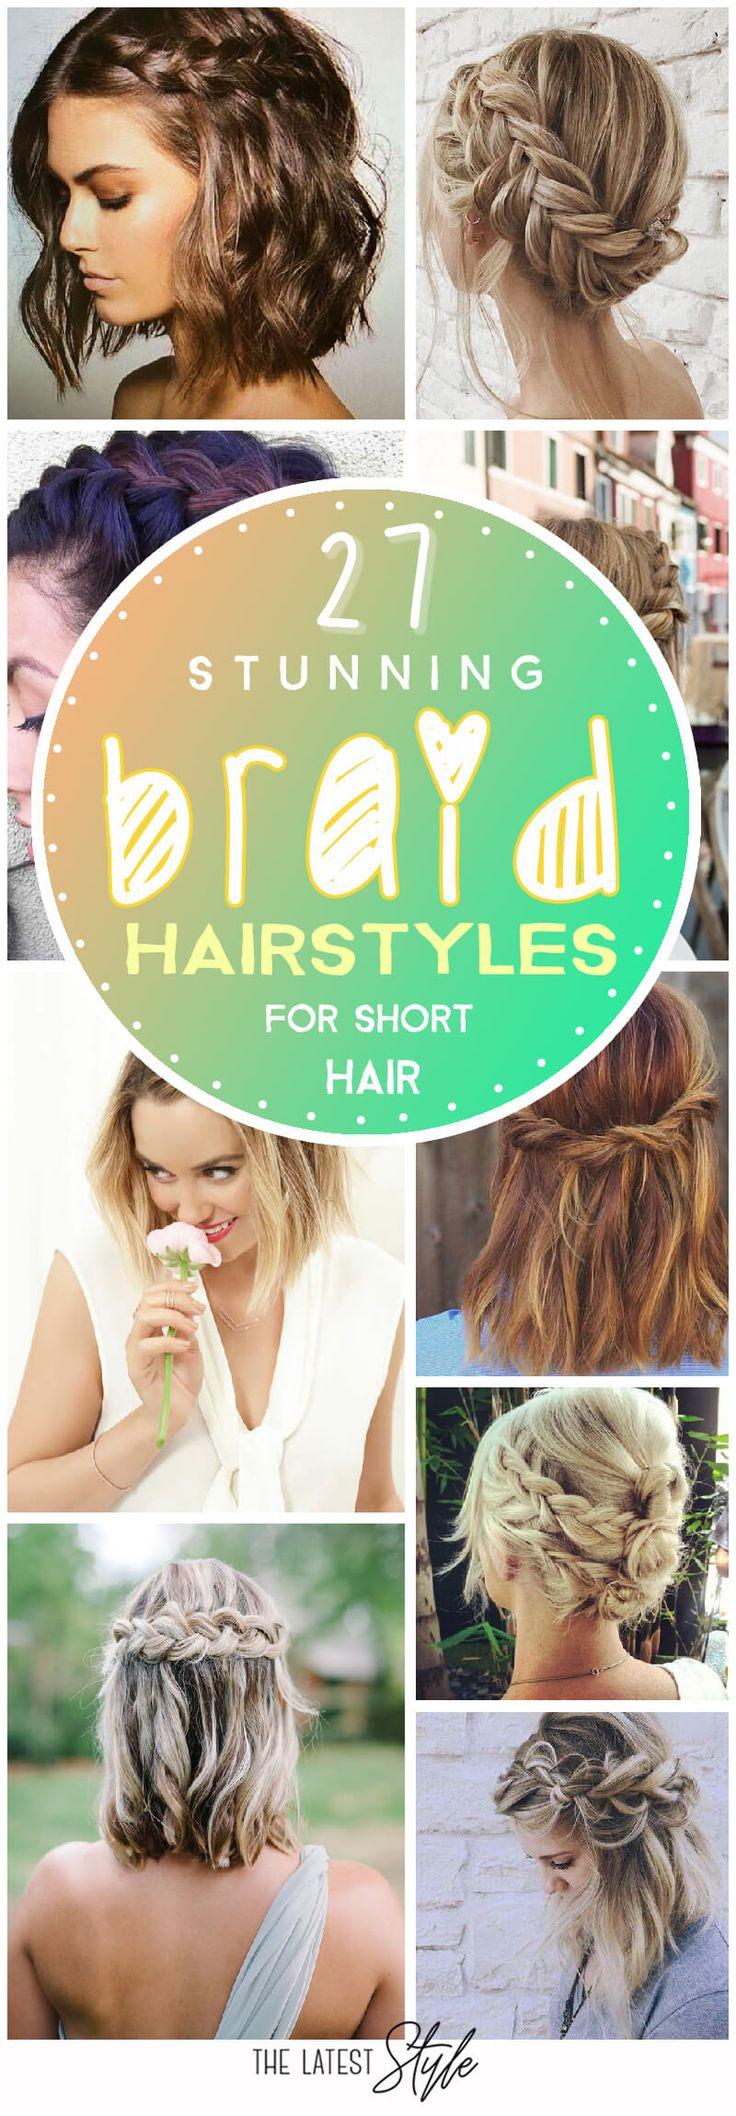 rapunzel short hair ideas